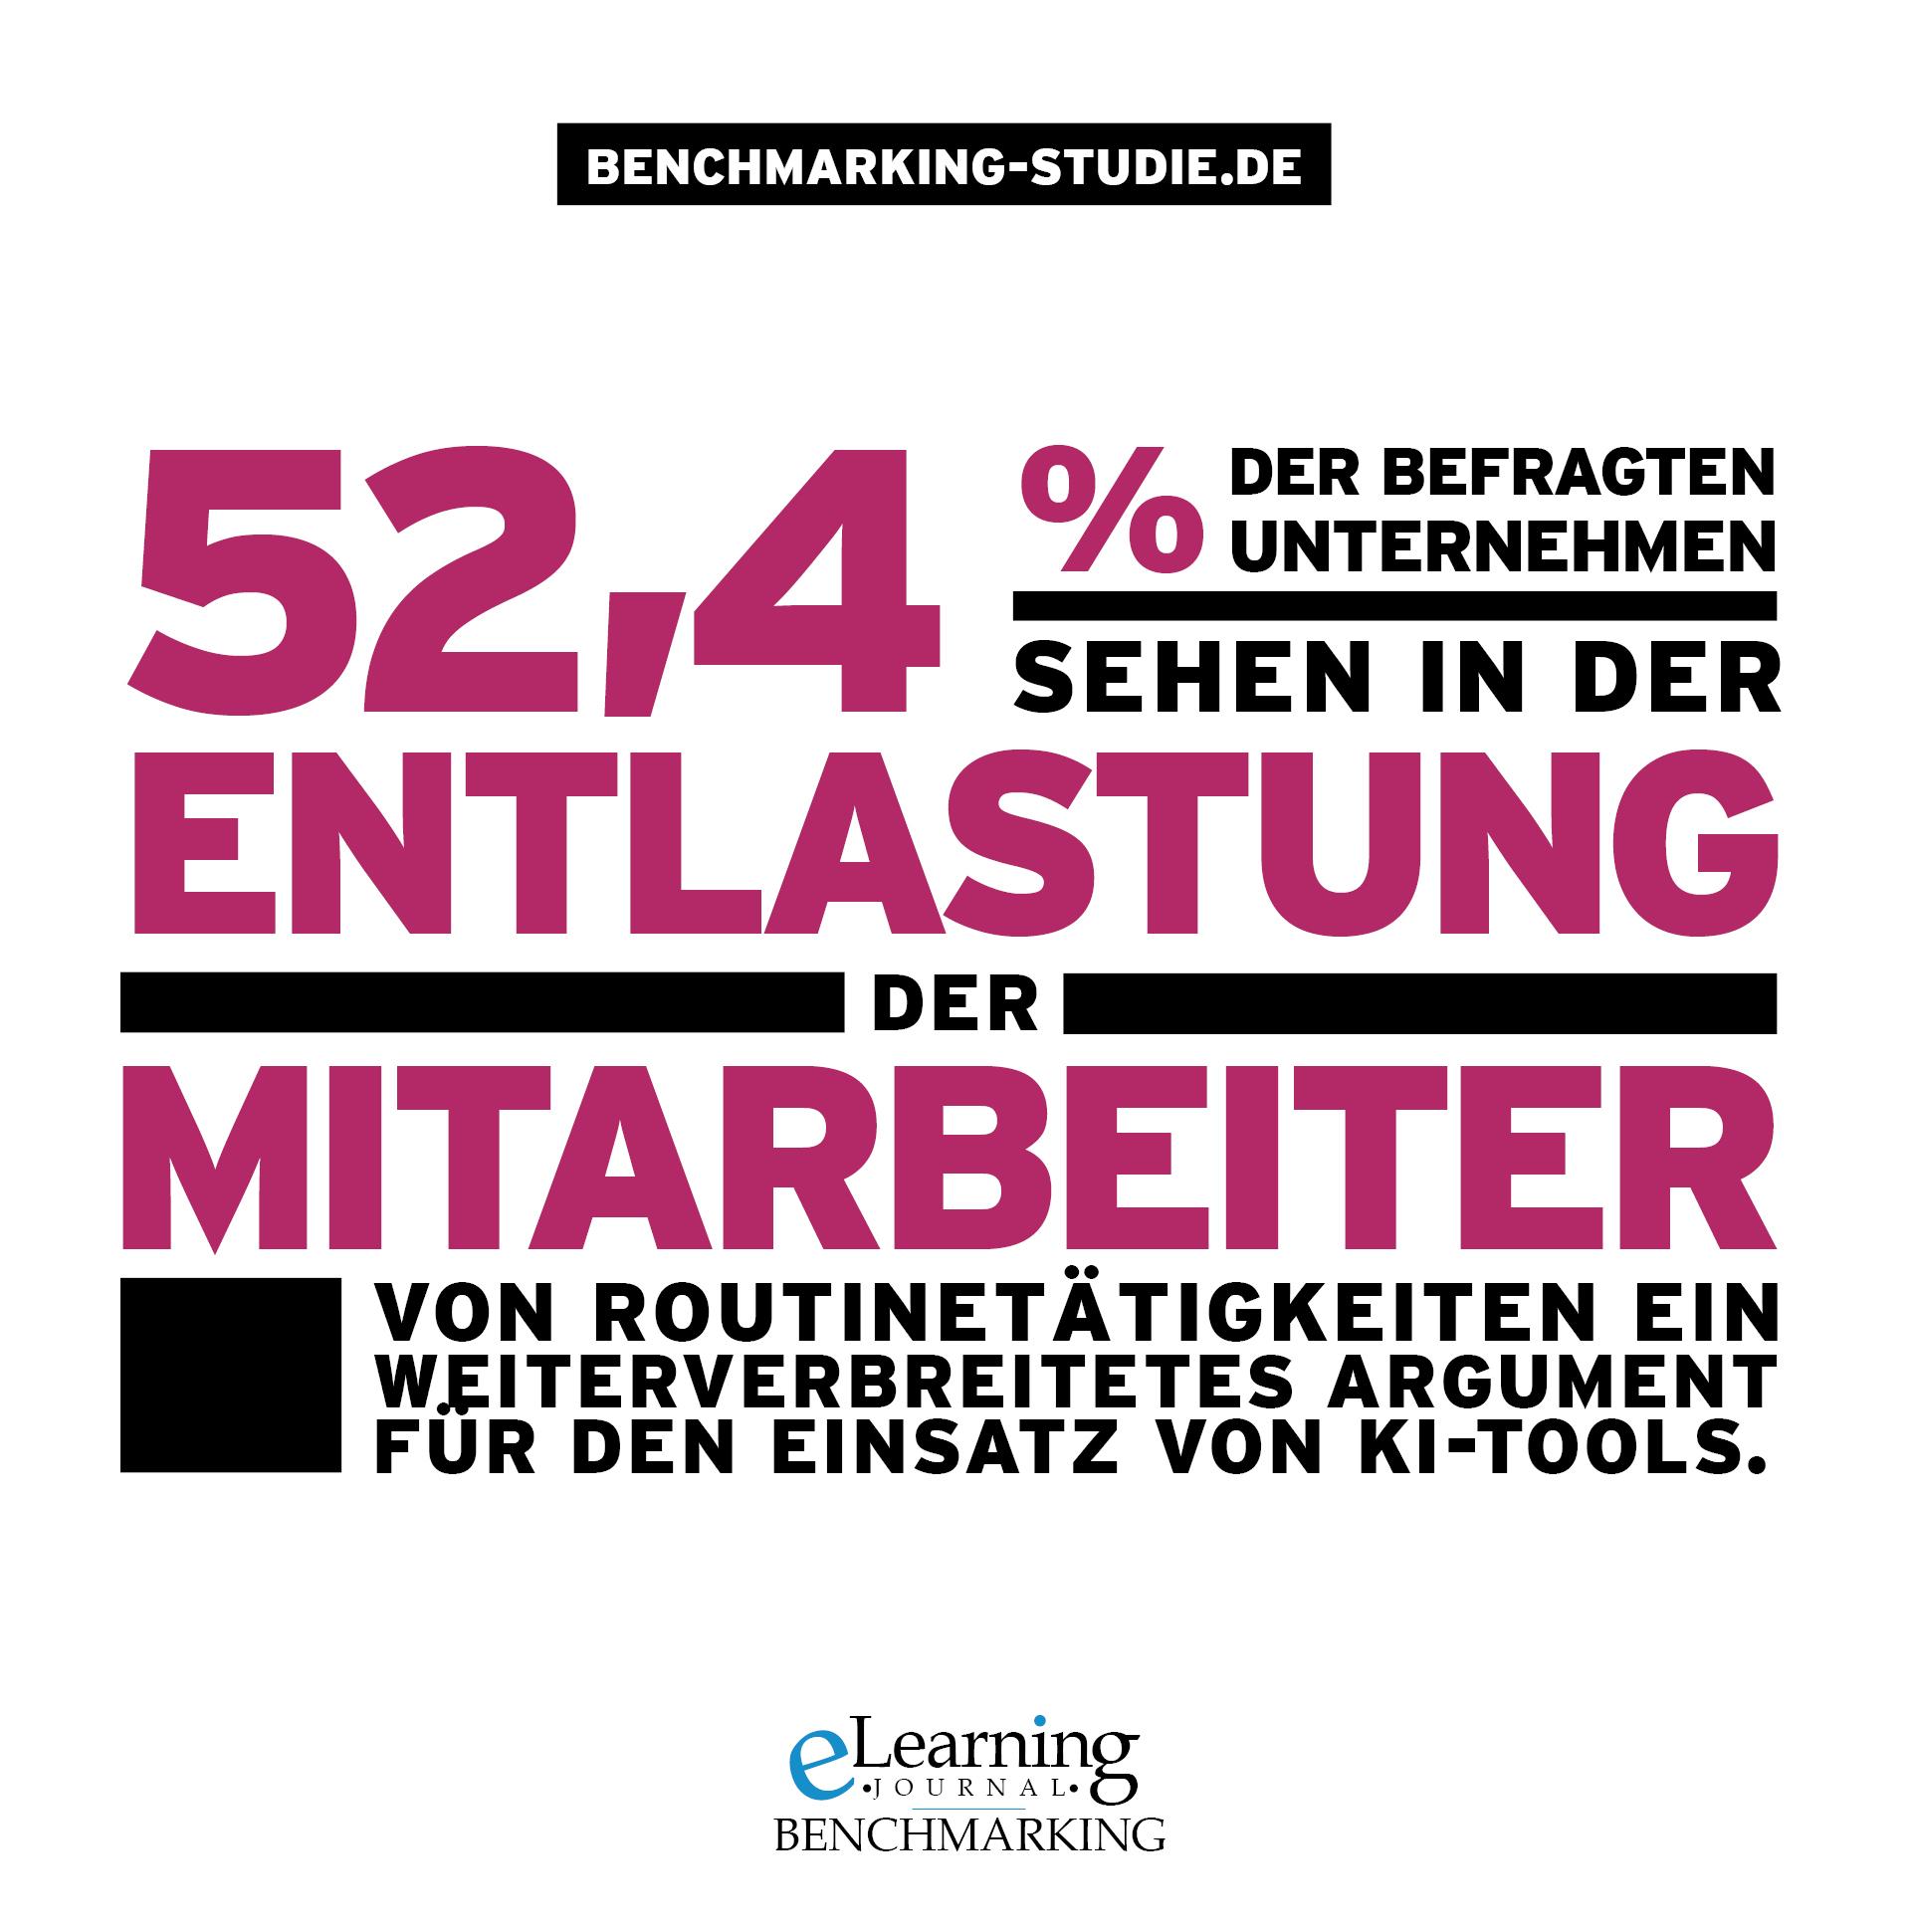 52,4% der befragten Unternehmen sehen in der Entlastung der Mitarbeiter von Routinetätigkeiten ein weitverbreitetes Argument für den Einsatz von KI-Tools.